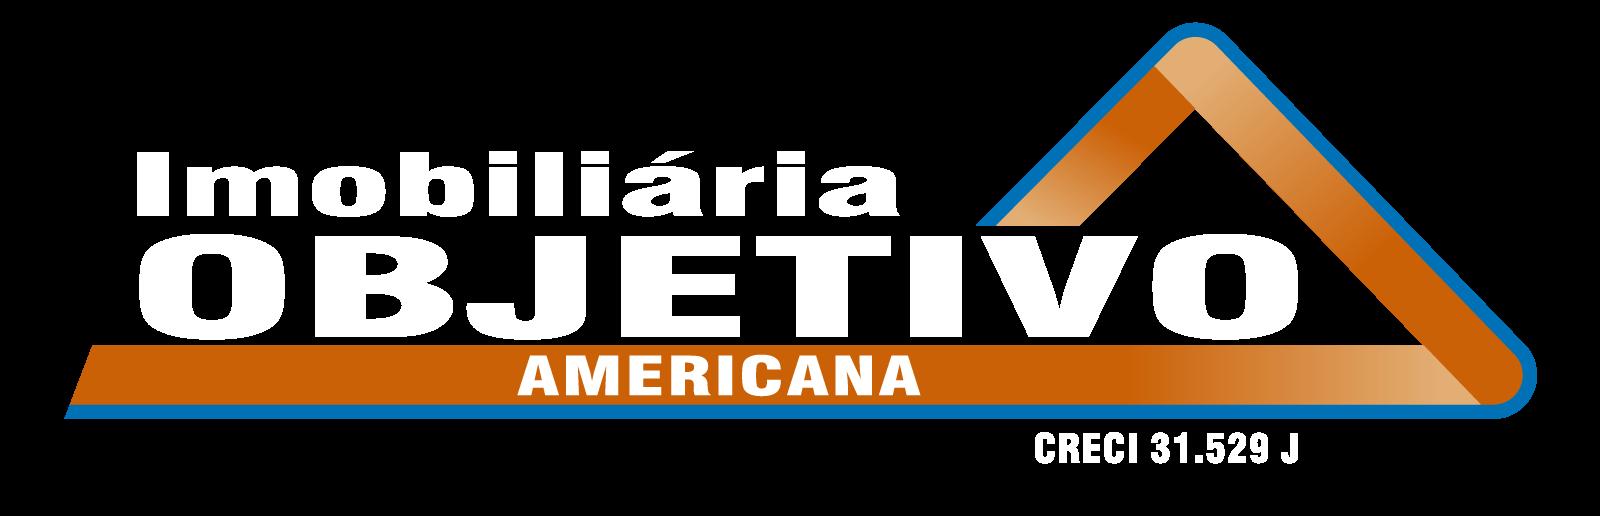 Imobiliária Objetivo Americana - CRECI: 31529-J